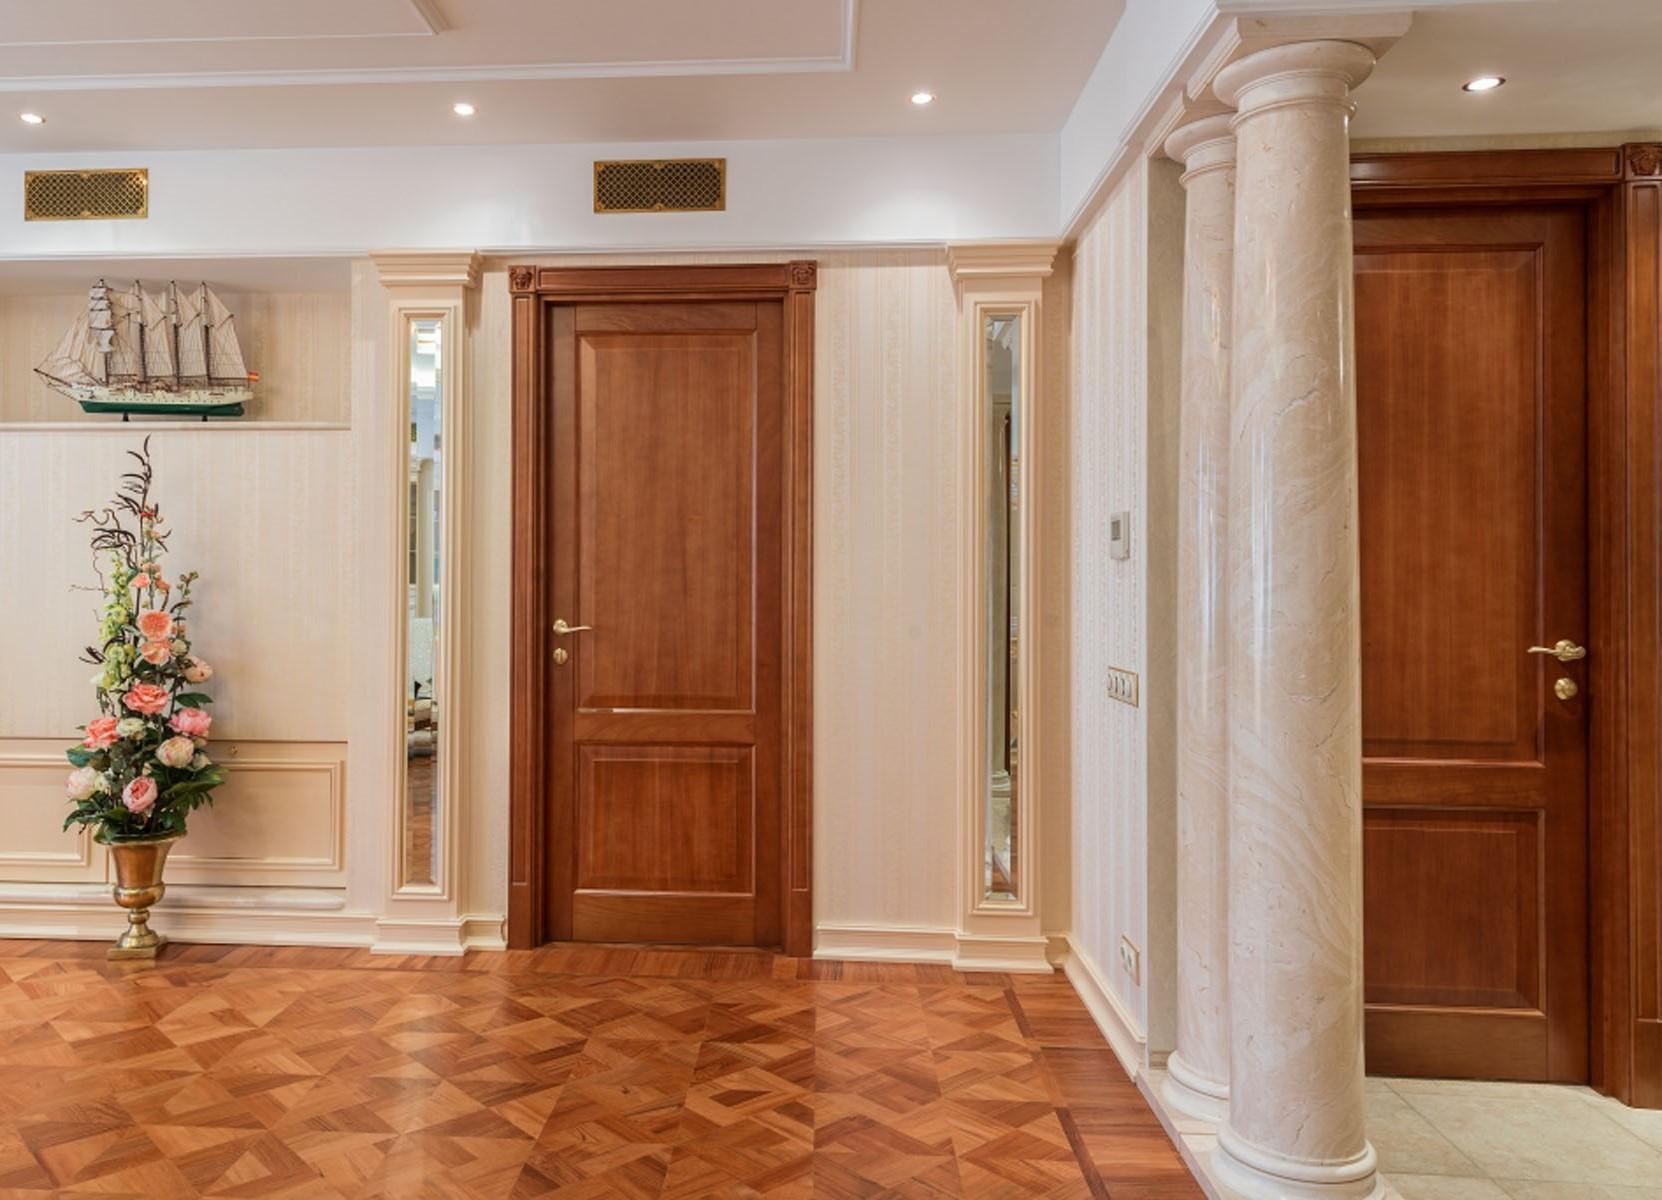 Высококачественные межкомнатные двери в классическом стиле